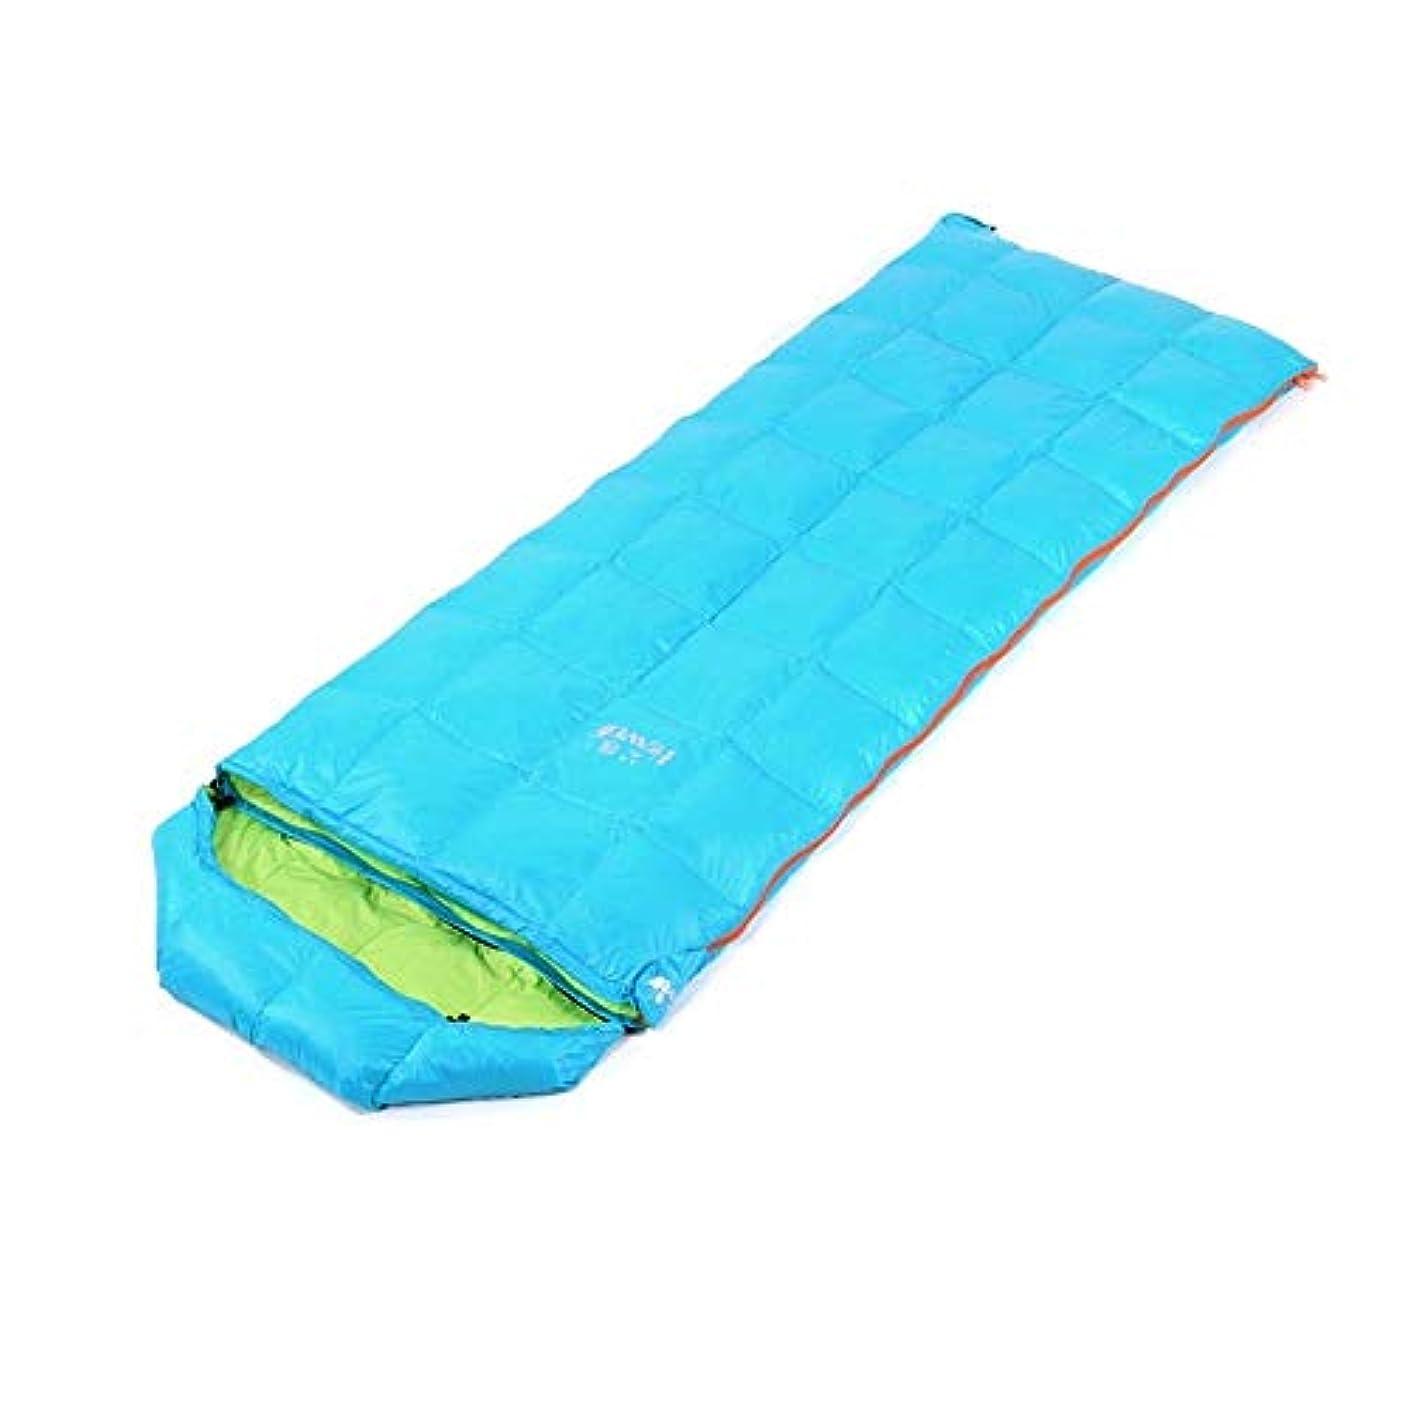 ペデスタル灰グループ防水寝袋3-4シーズンキャンプ大人の通気性の暖かいライトエンベロープ寝袋綿パッド用屋外ハイキングフェスティバル (色 : 青)